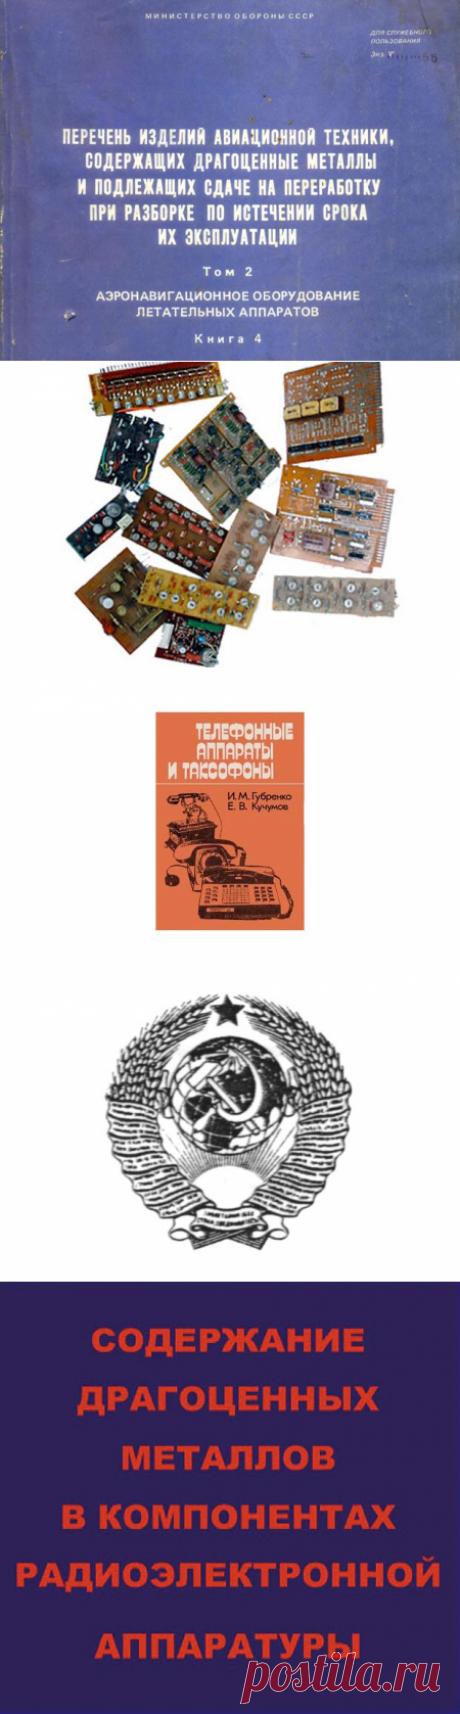 Справочники и книги